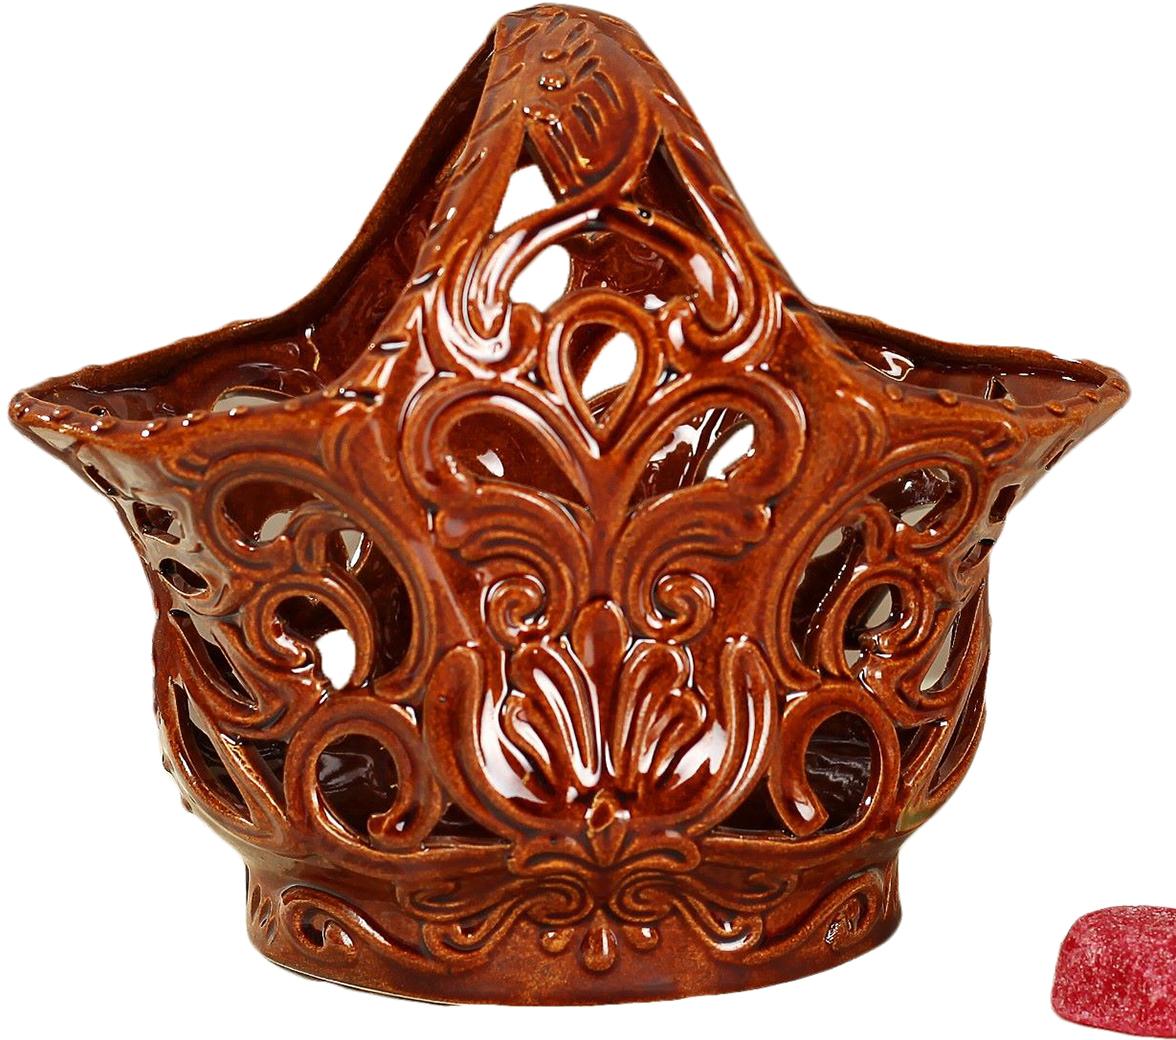 Конфетница Керамика ручной работы Тюльпан, цвет: коричневый2742299Ваза для конфет украсит любую квартиру, дачу или офис. Преподнести её в качестве подарка друзьям или близким – отличная идея. Необычный дизайн и расцветка может вписаться в любой интерьер и стать его уникальным акцентом. Вещь предназначена для подачи конфет, сухофруктов или восточных сладостей.